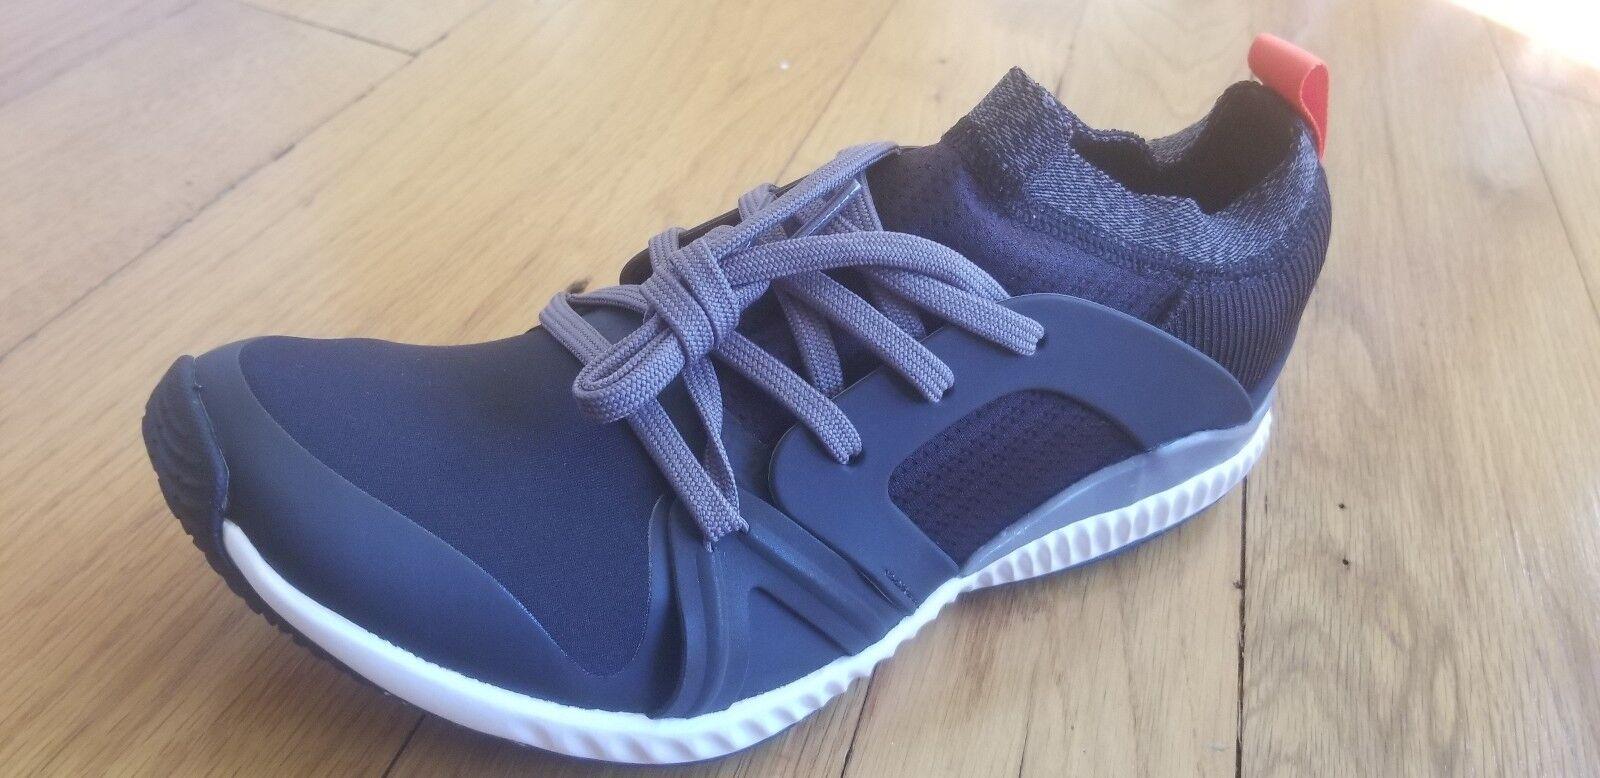 Adidas  Stella Stella Stella MacCartney  shoes 7ecdad